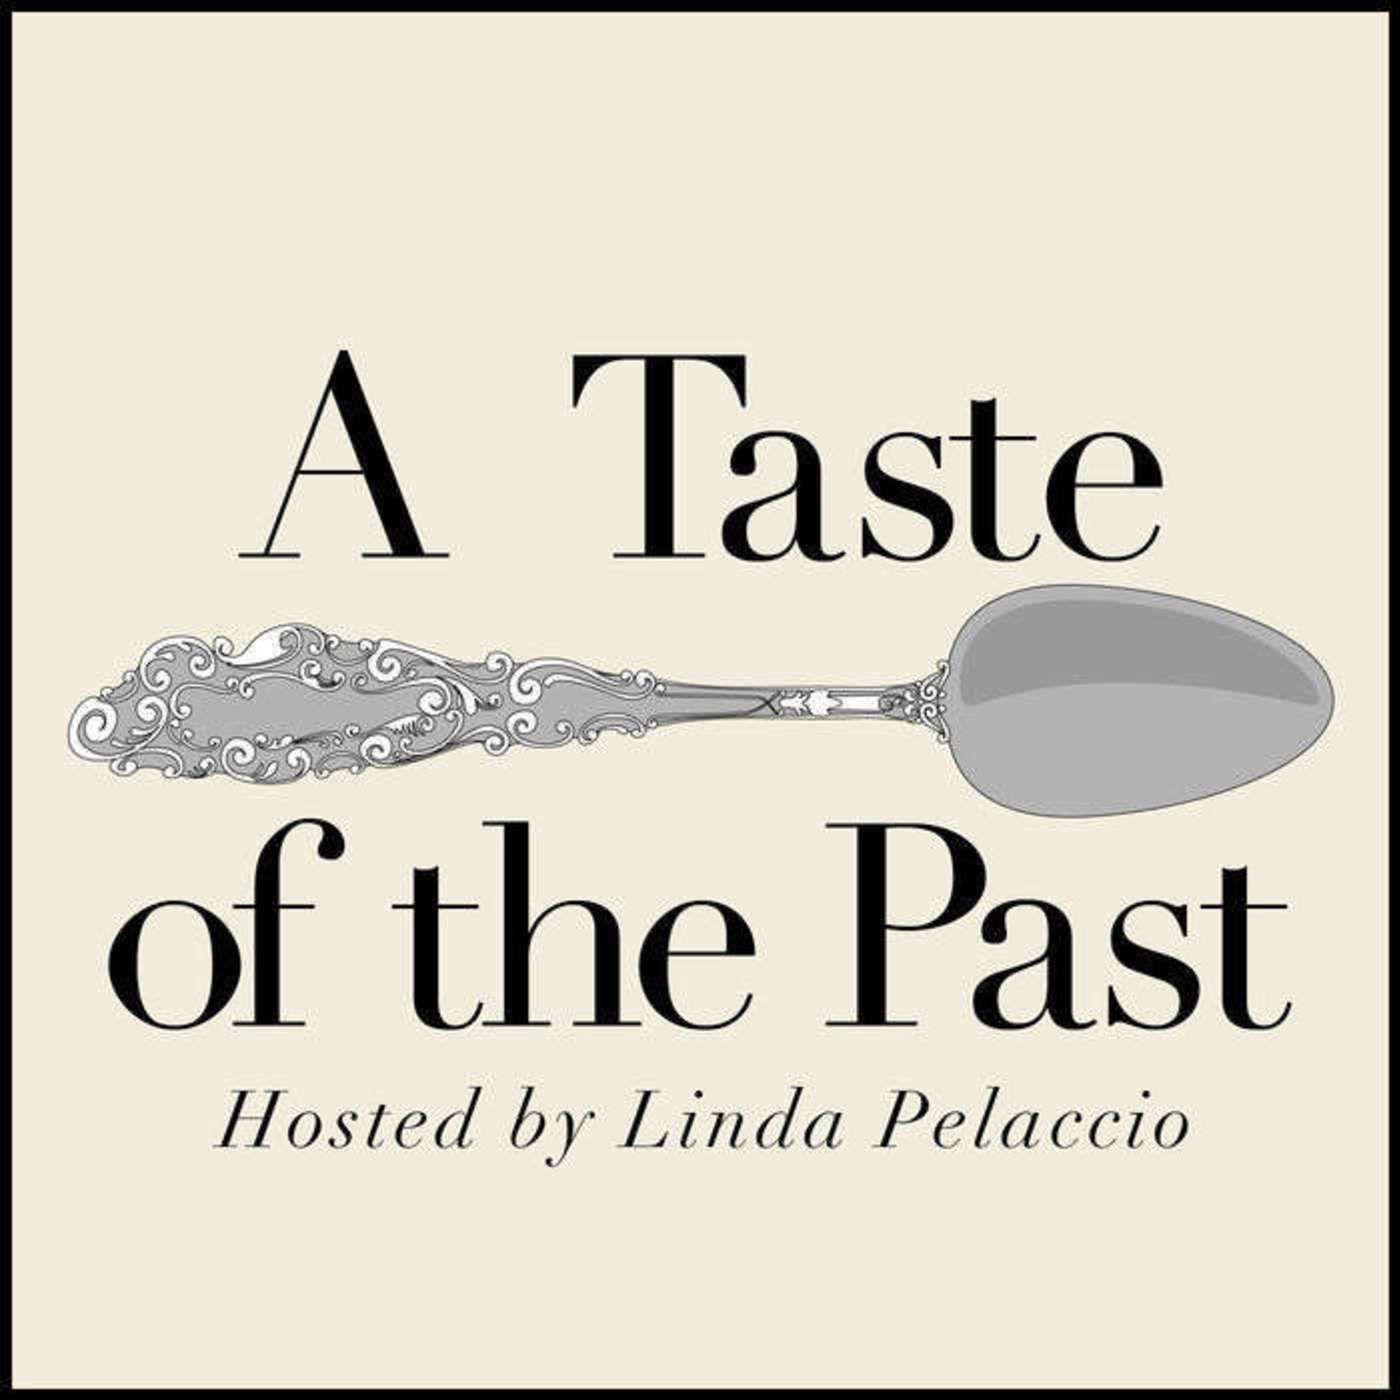 Episode 177: Food Obsessed Metropolis